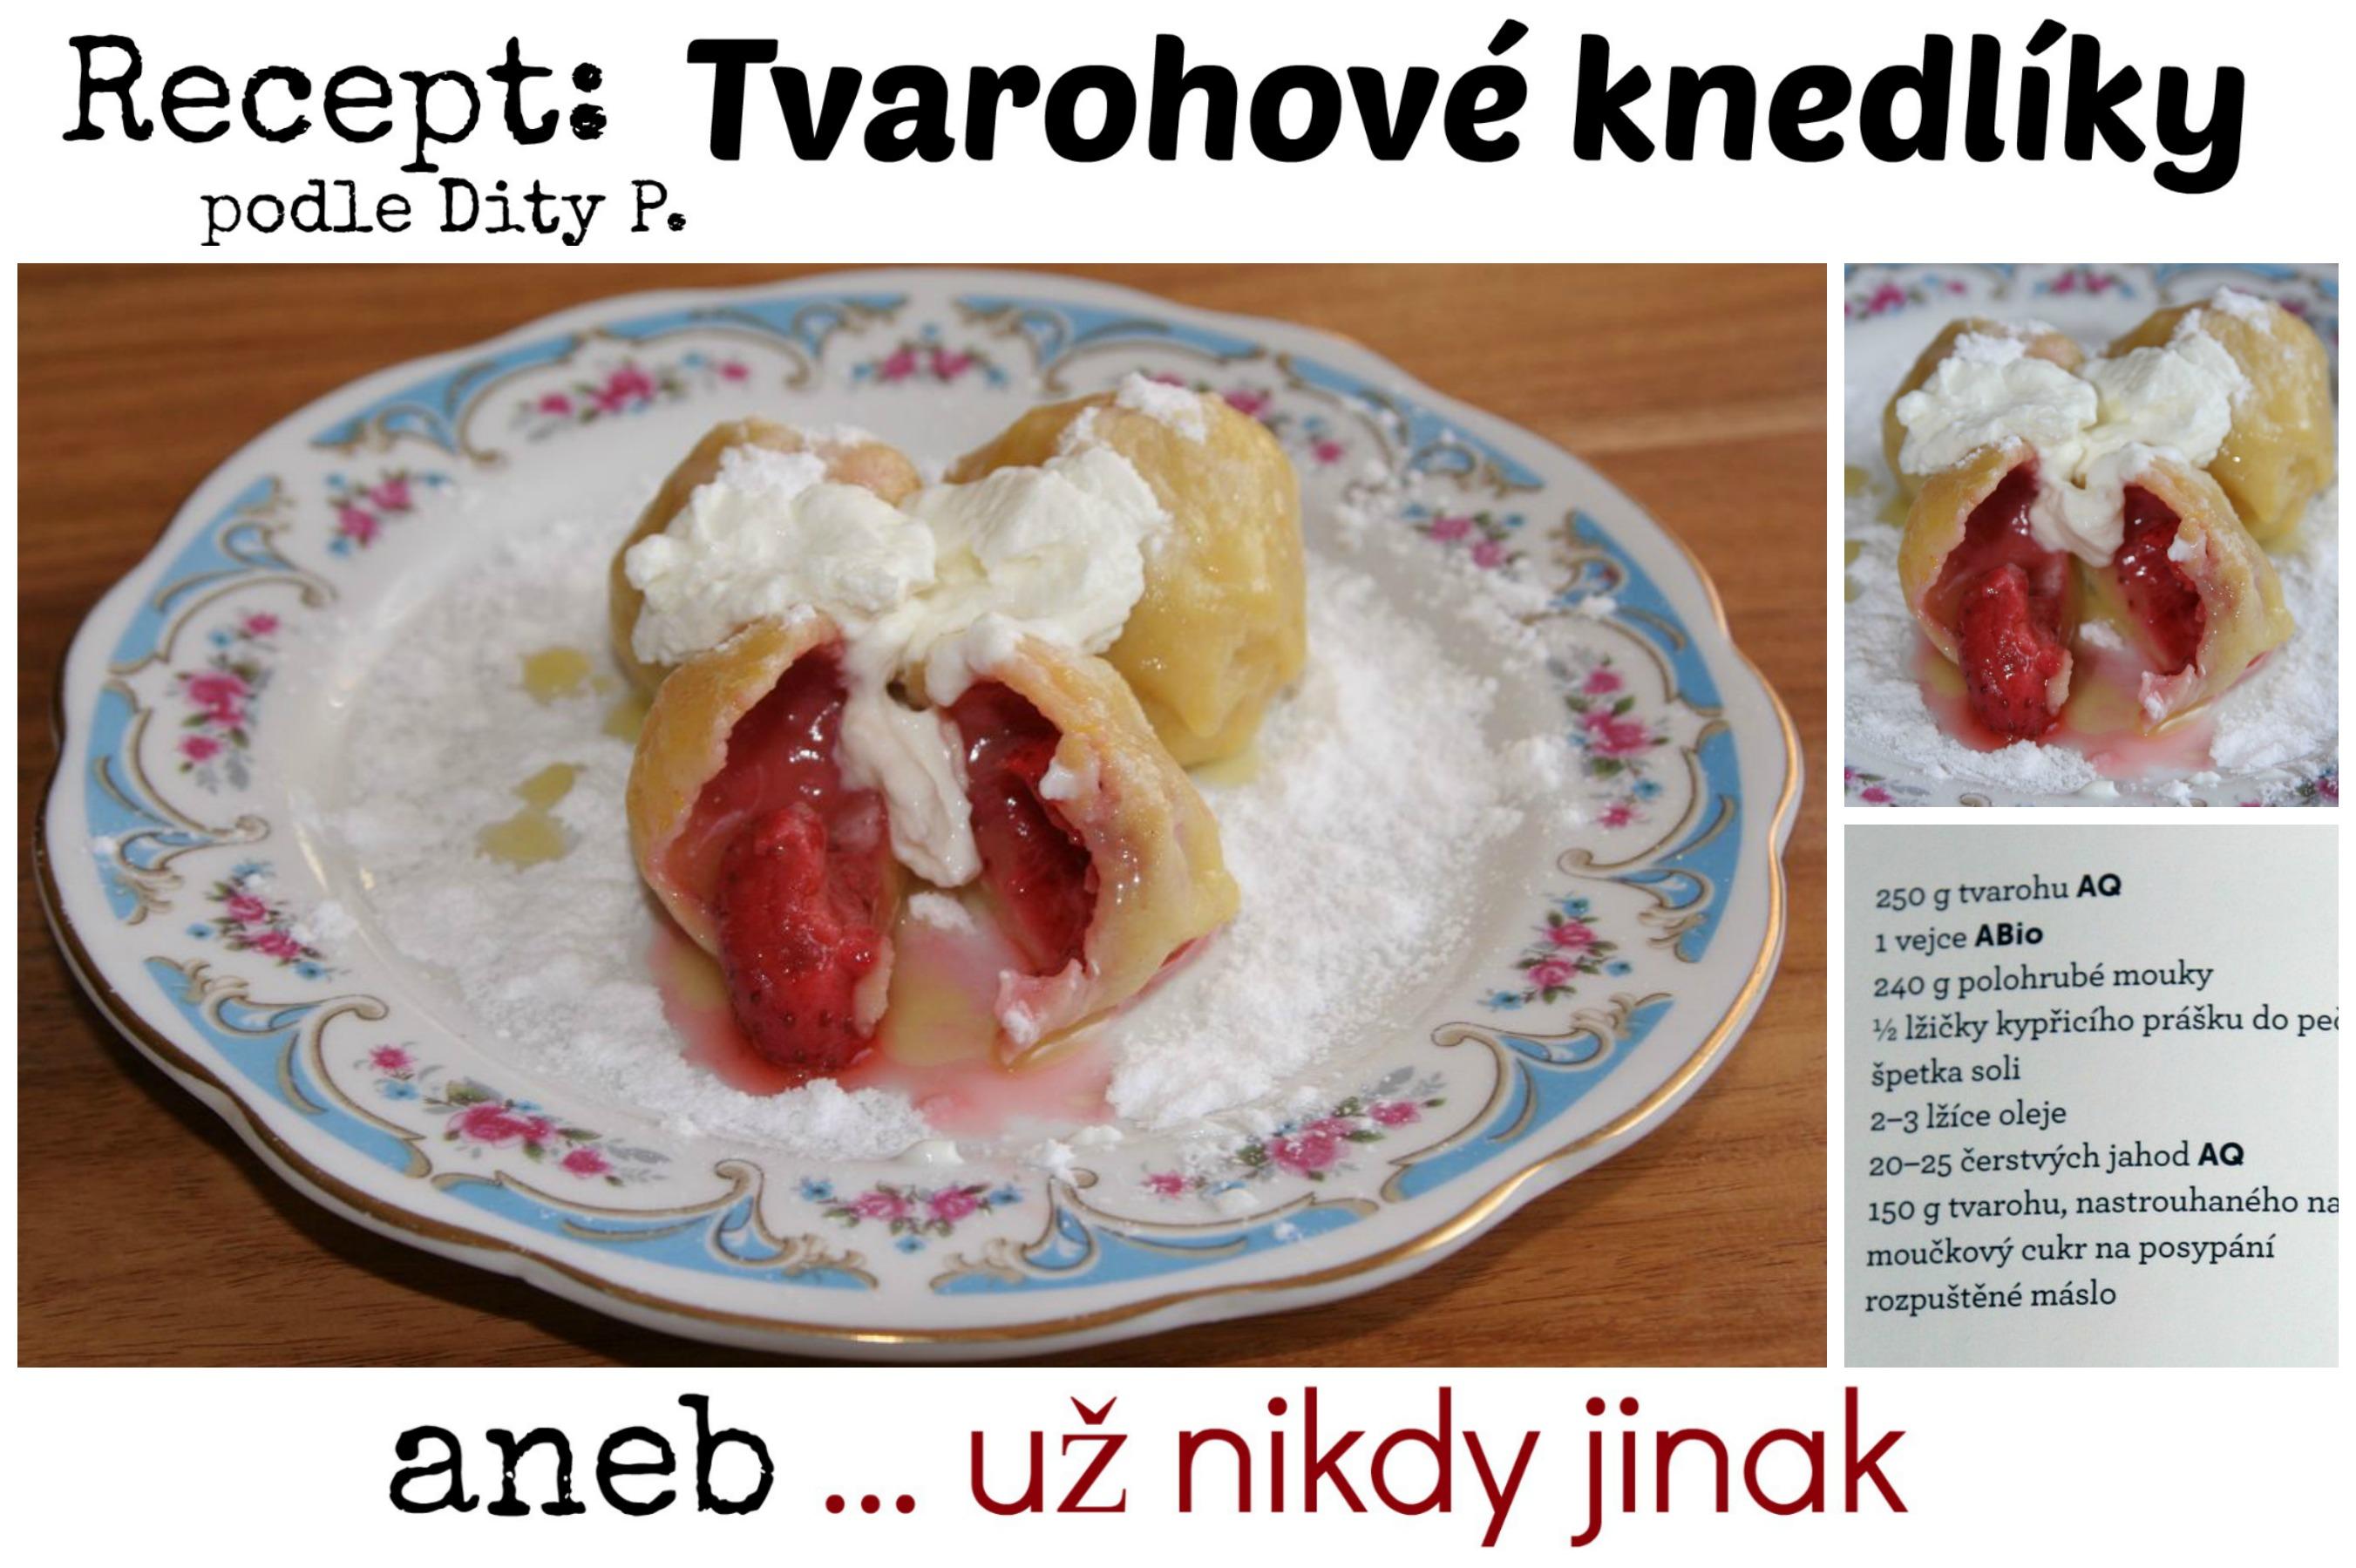 Recept na tvarohové knedlíky